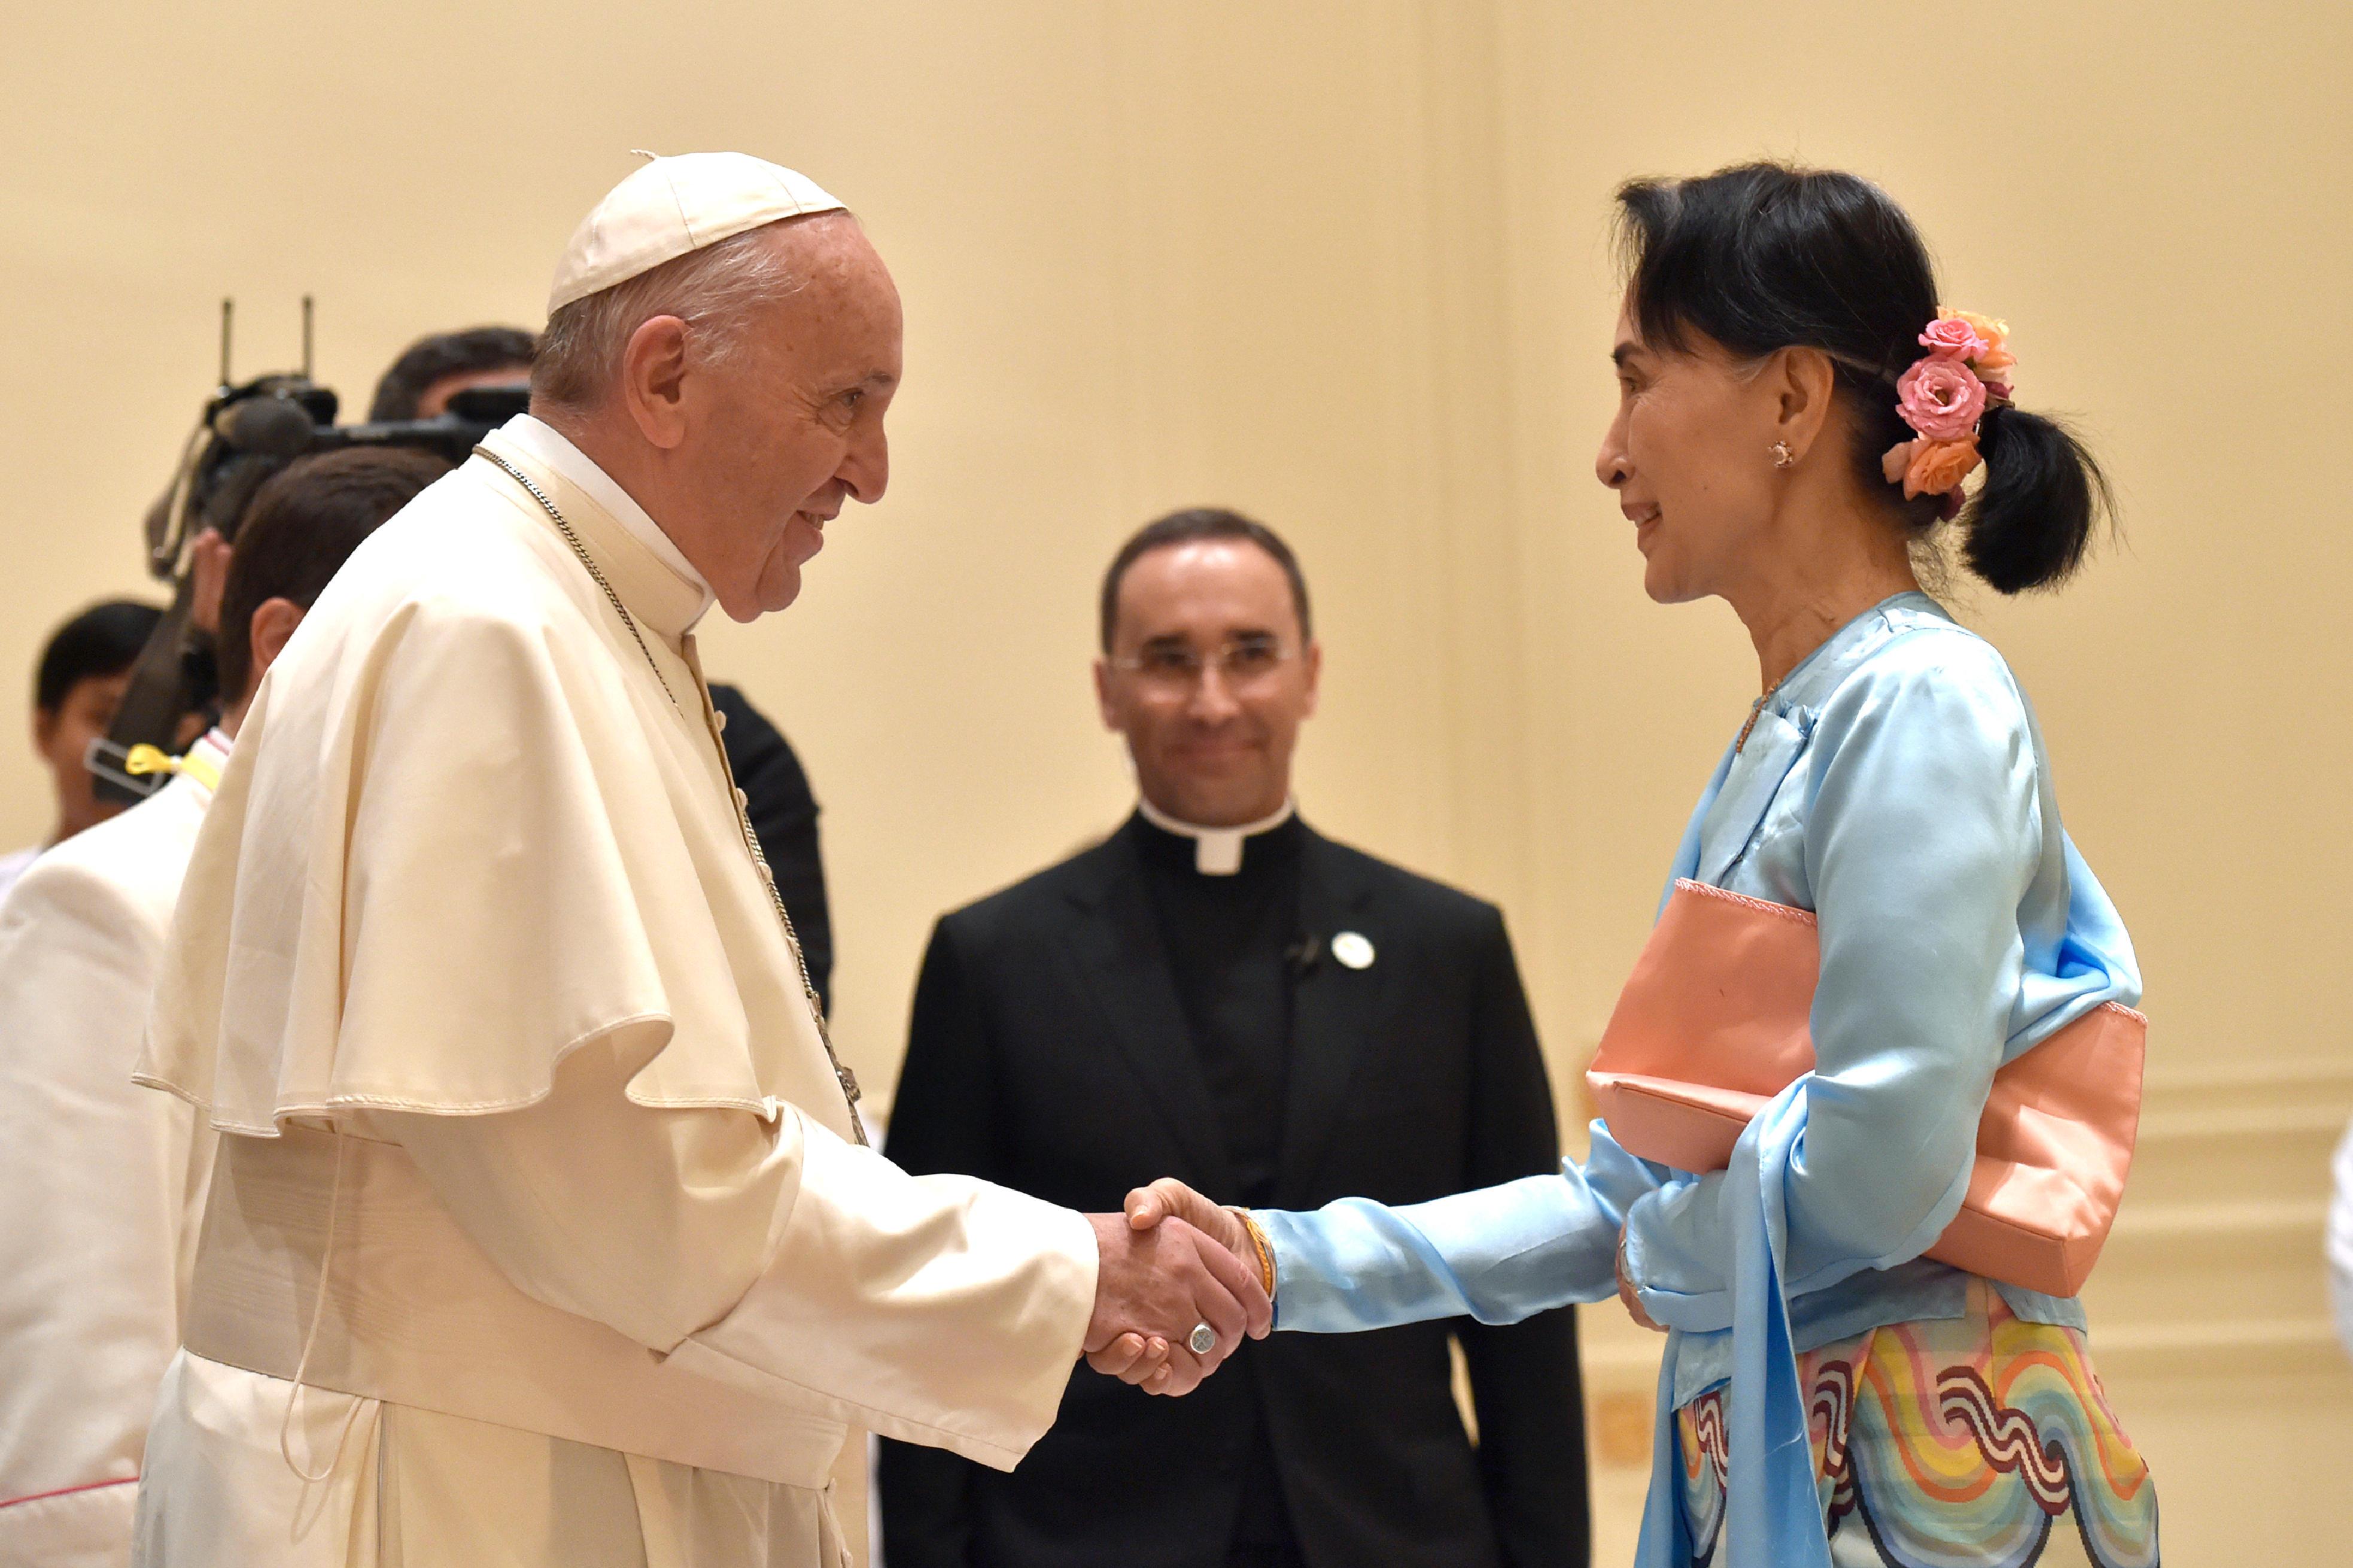 Aung San Suu Kyi saluda al Papa © L'Osservatore Romano